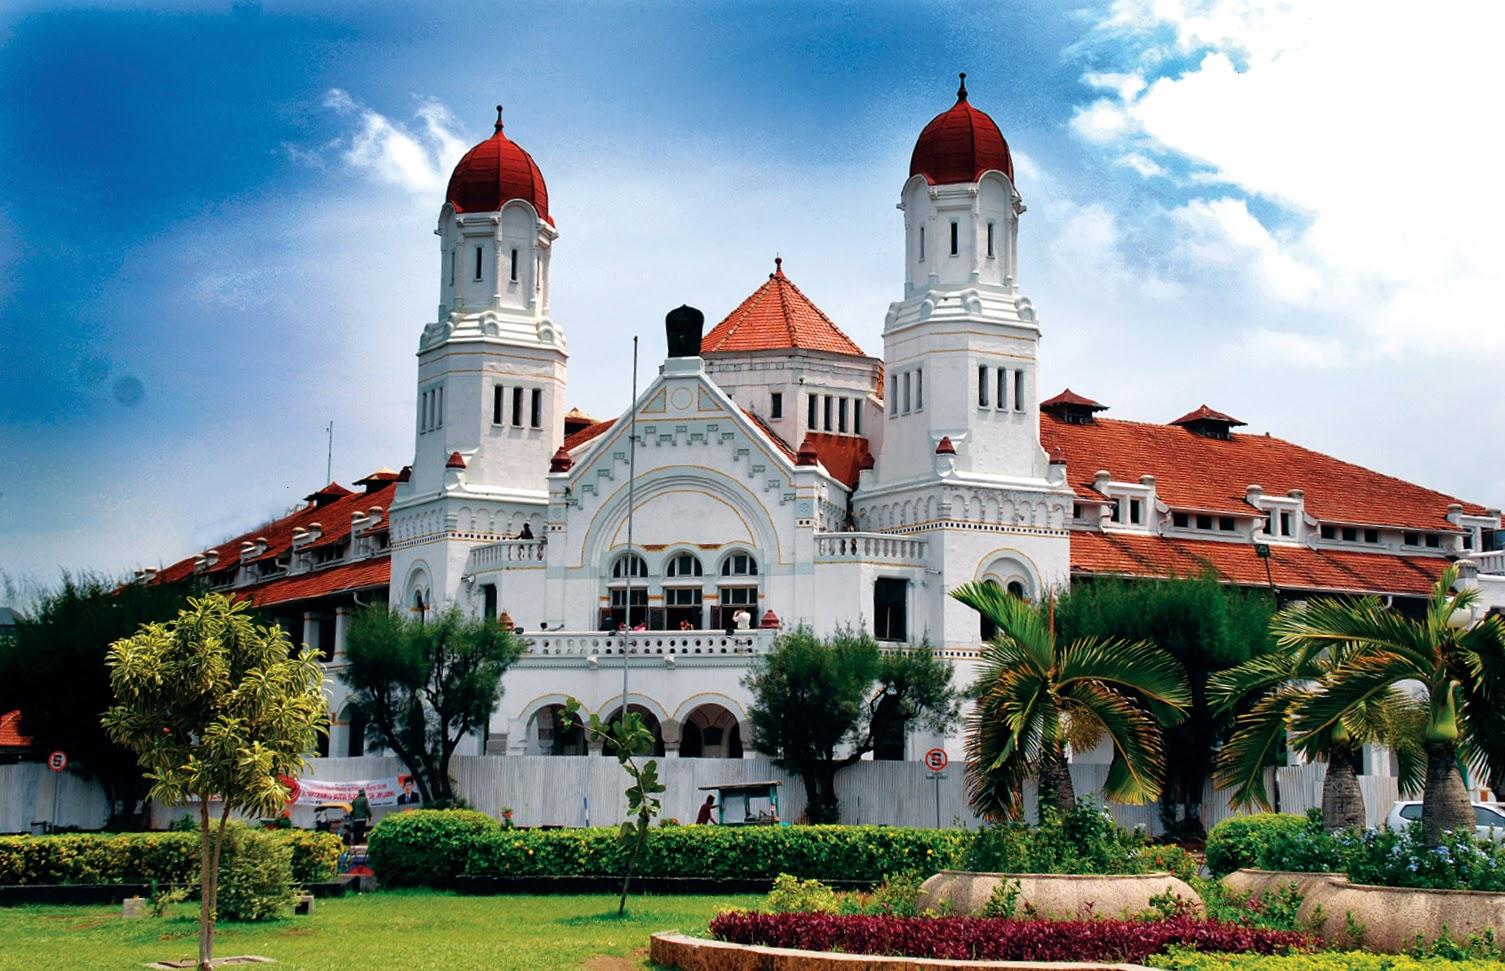 Lawang Sewu Wisata Semarang